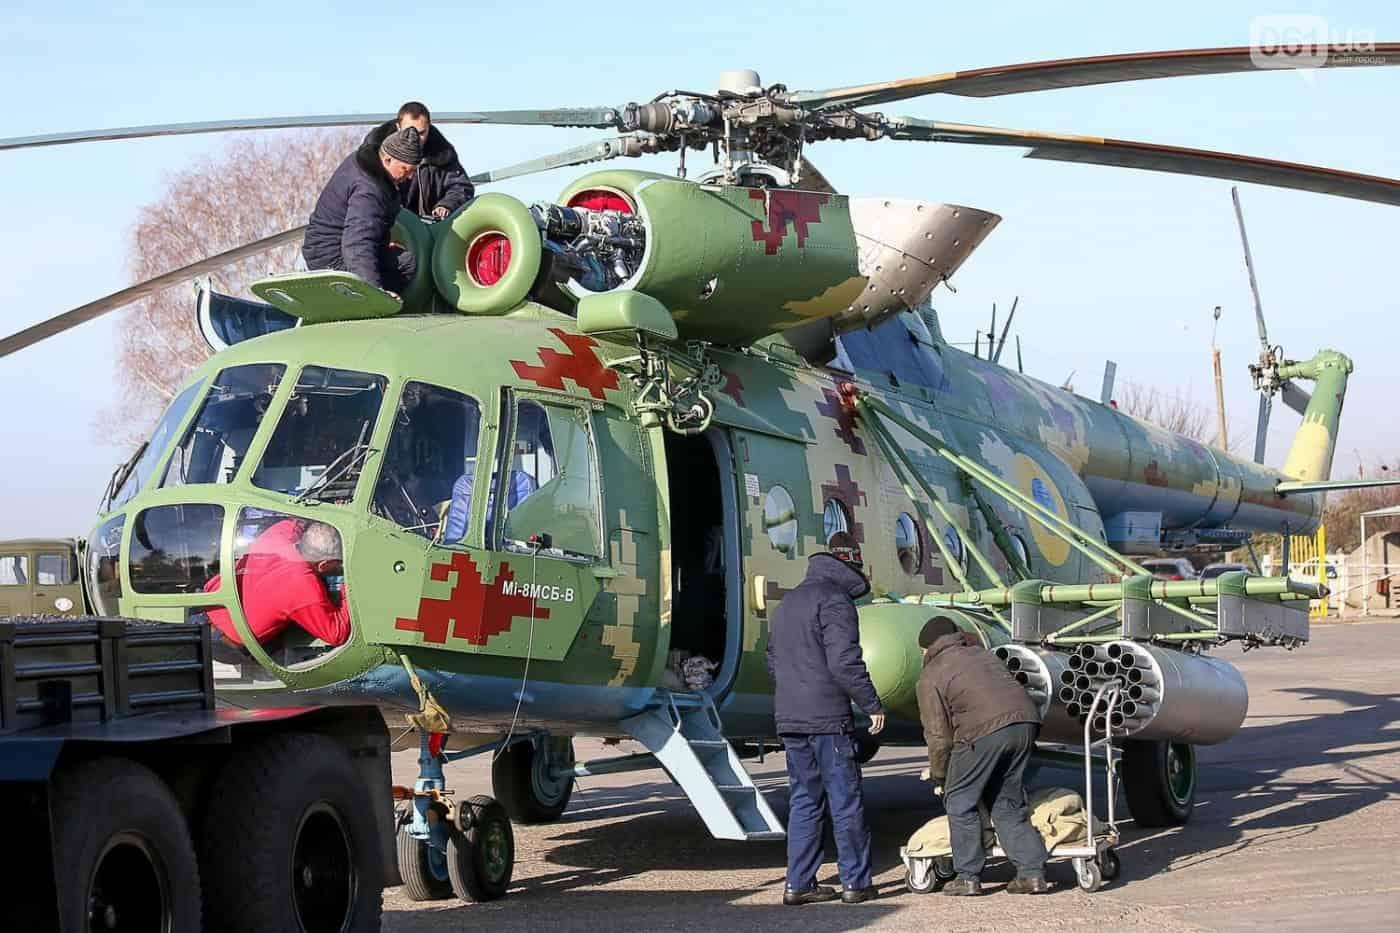 Авіація ВМСУ отримала другий гелікоптер Мі-8МСБ